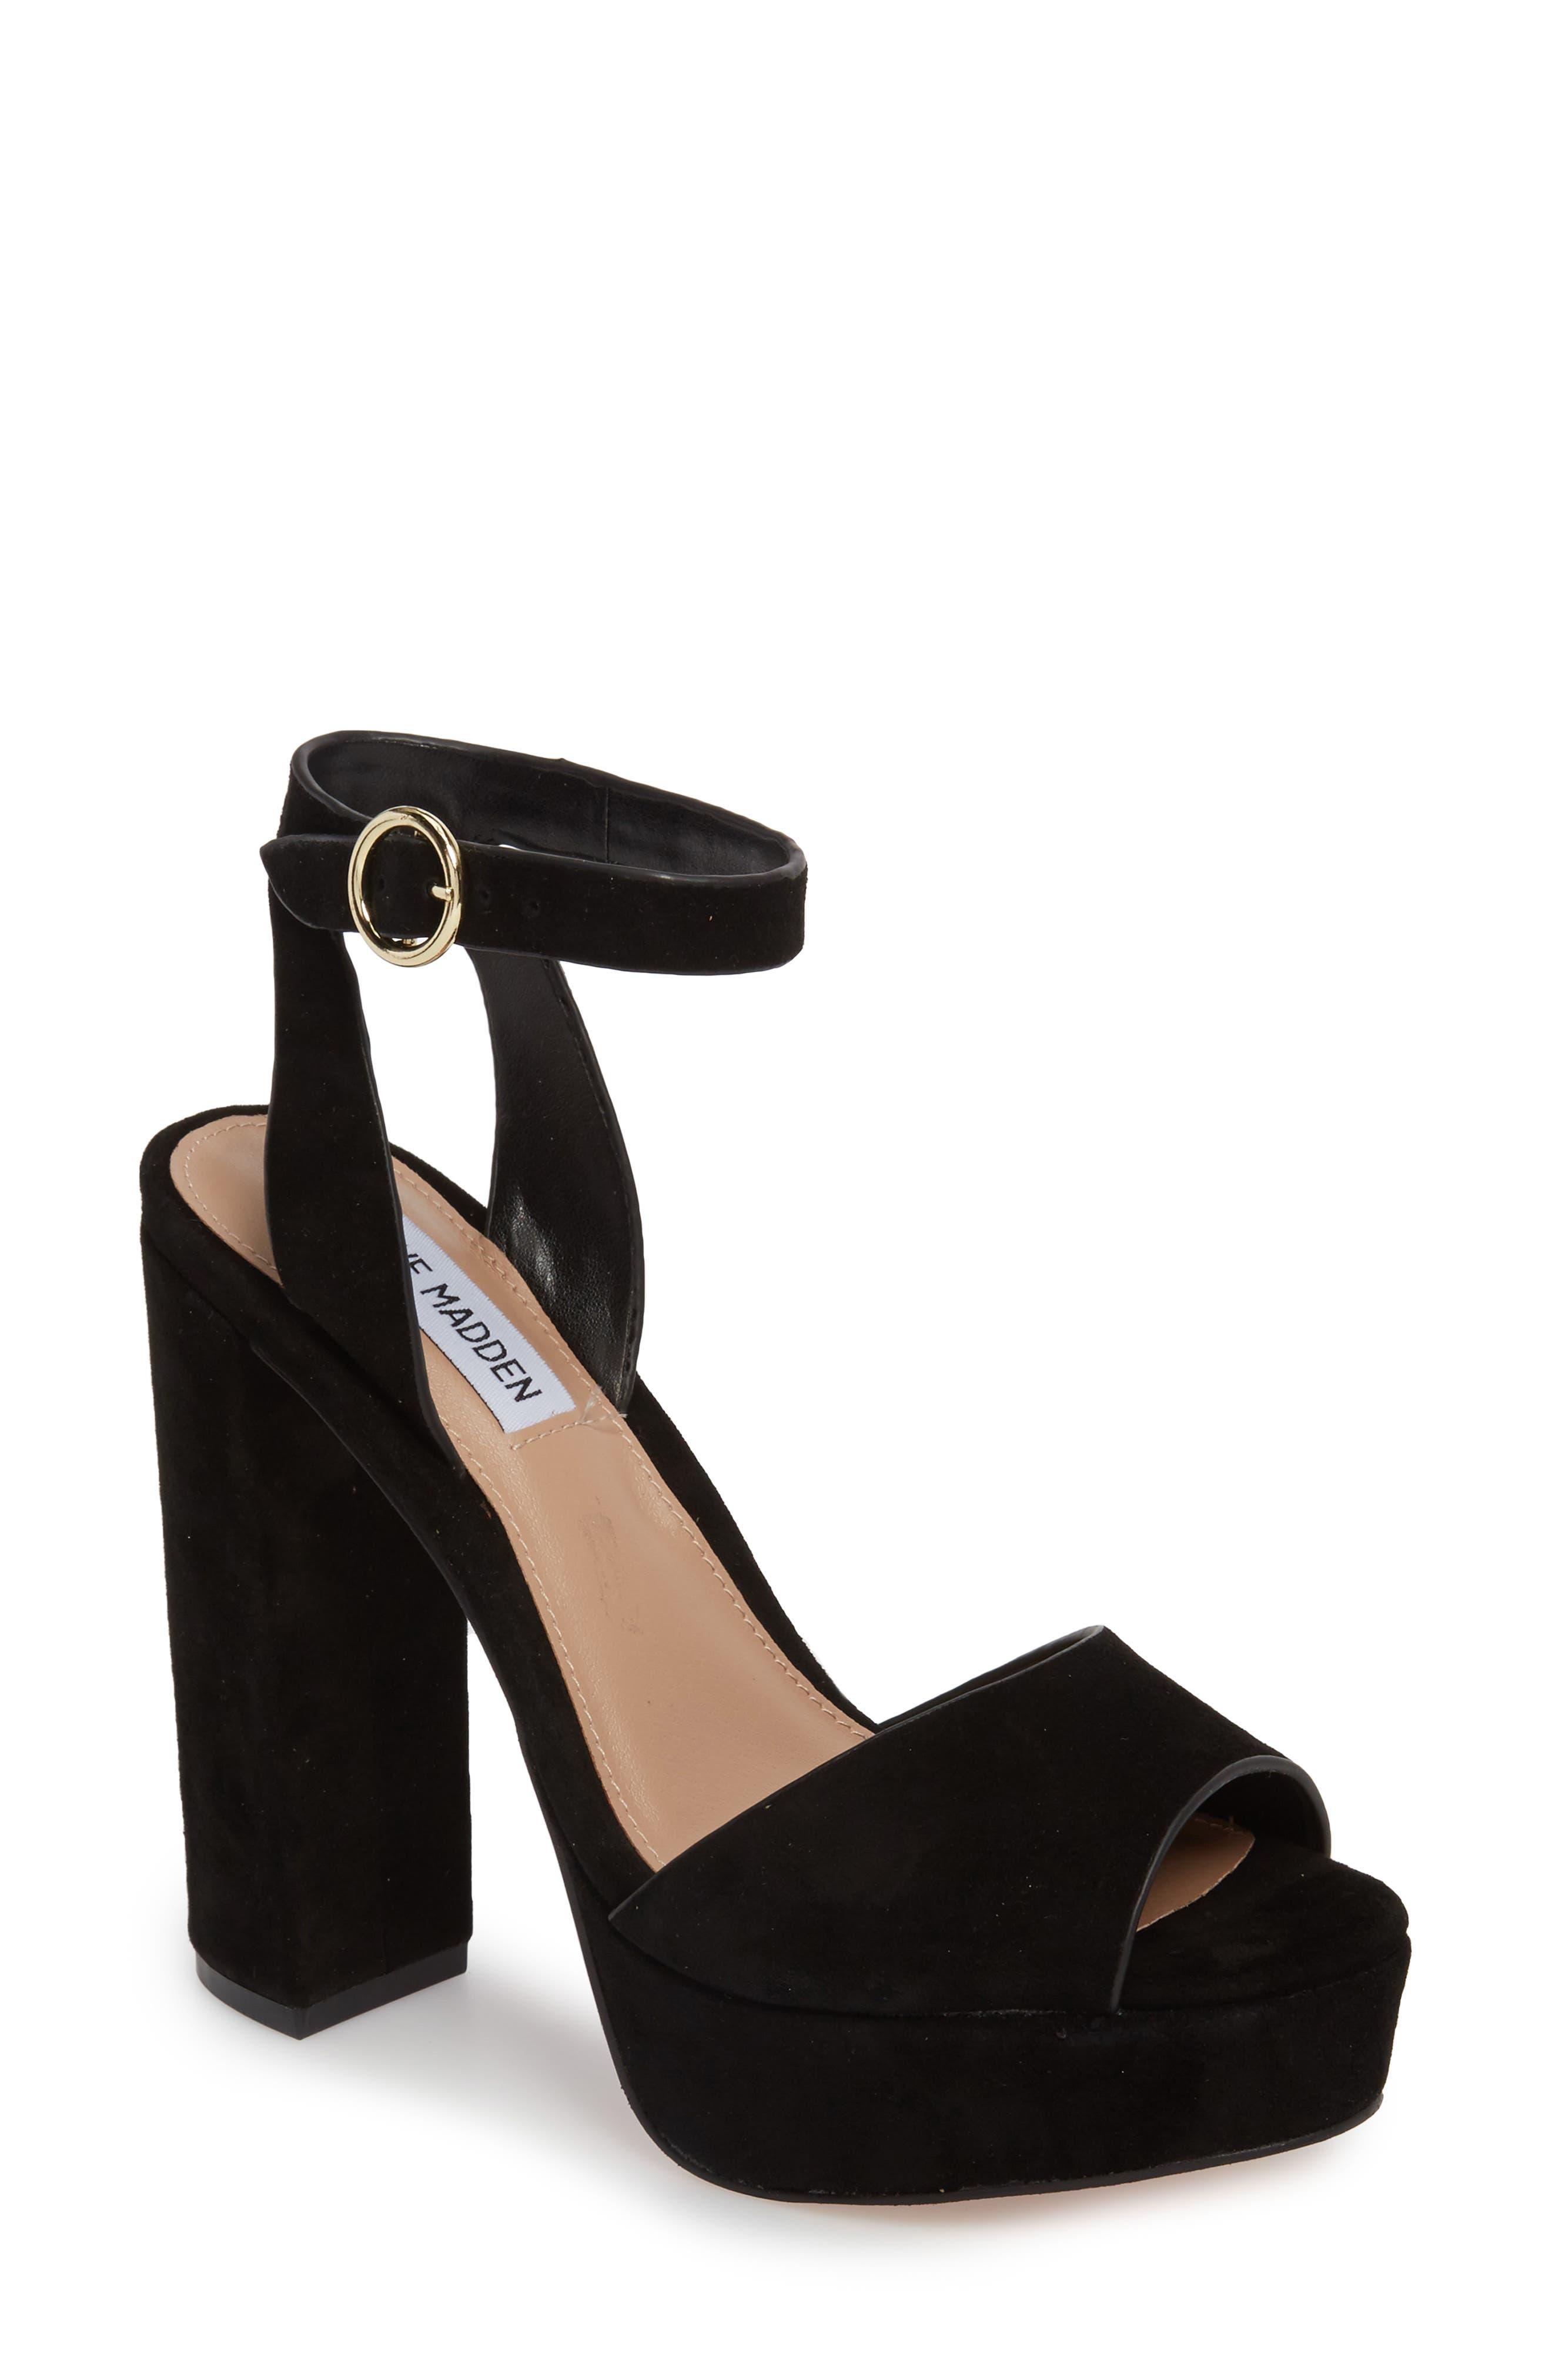 STEVE MADDEN Madeline Platform Sandal, Main, color, BLACK SUEDE